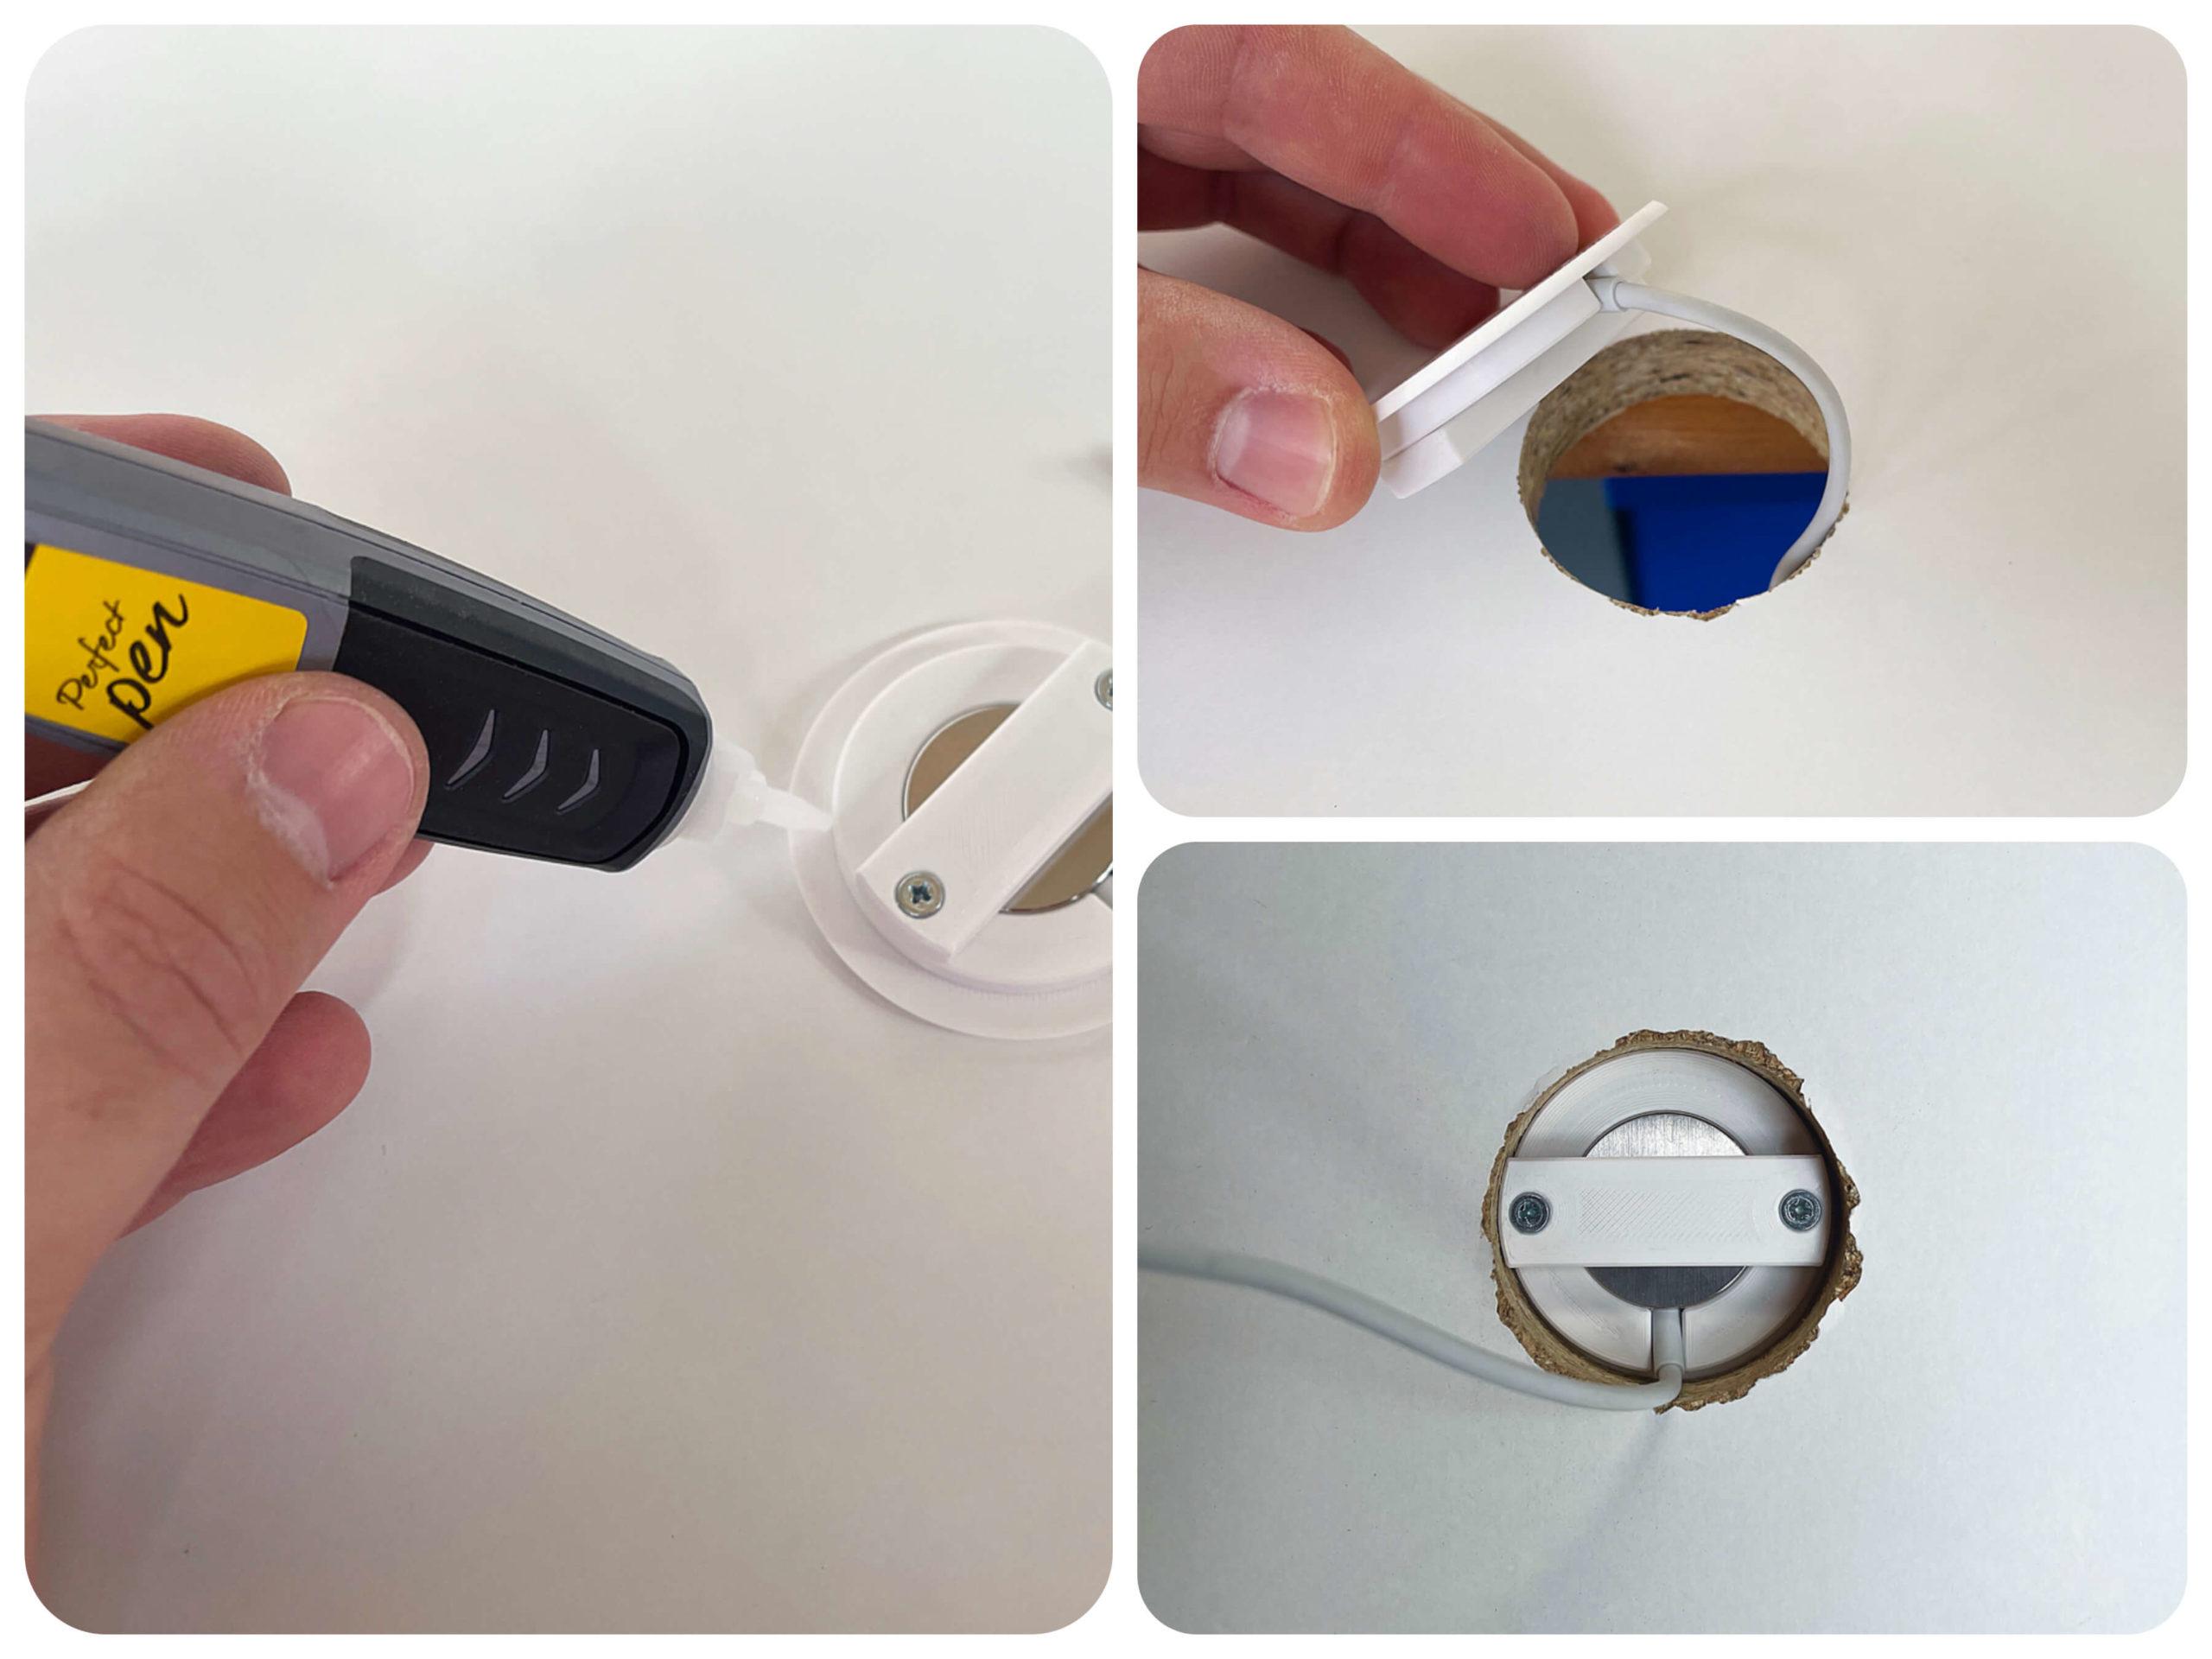 Anleitung-Apple-Watch-kabellos-ueber-Moebeloberflaeche-aufladen1-scaled Anleitung: Apple Watch kabellos und flach über Möbeloberfläche aufladen